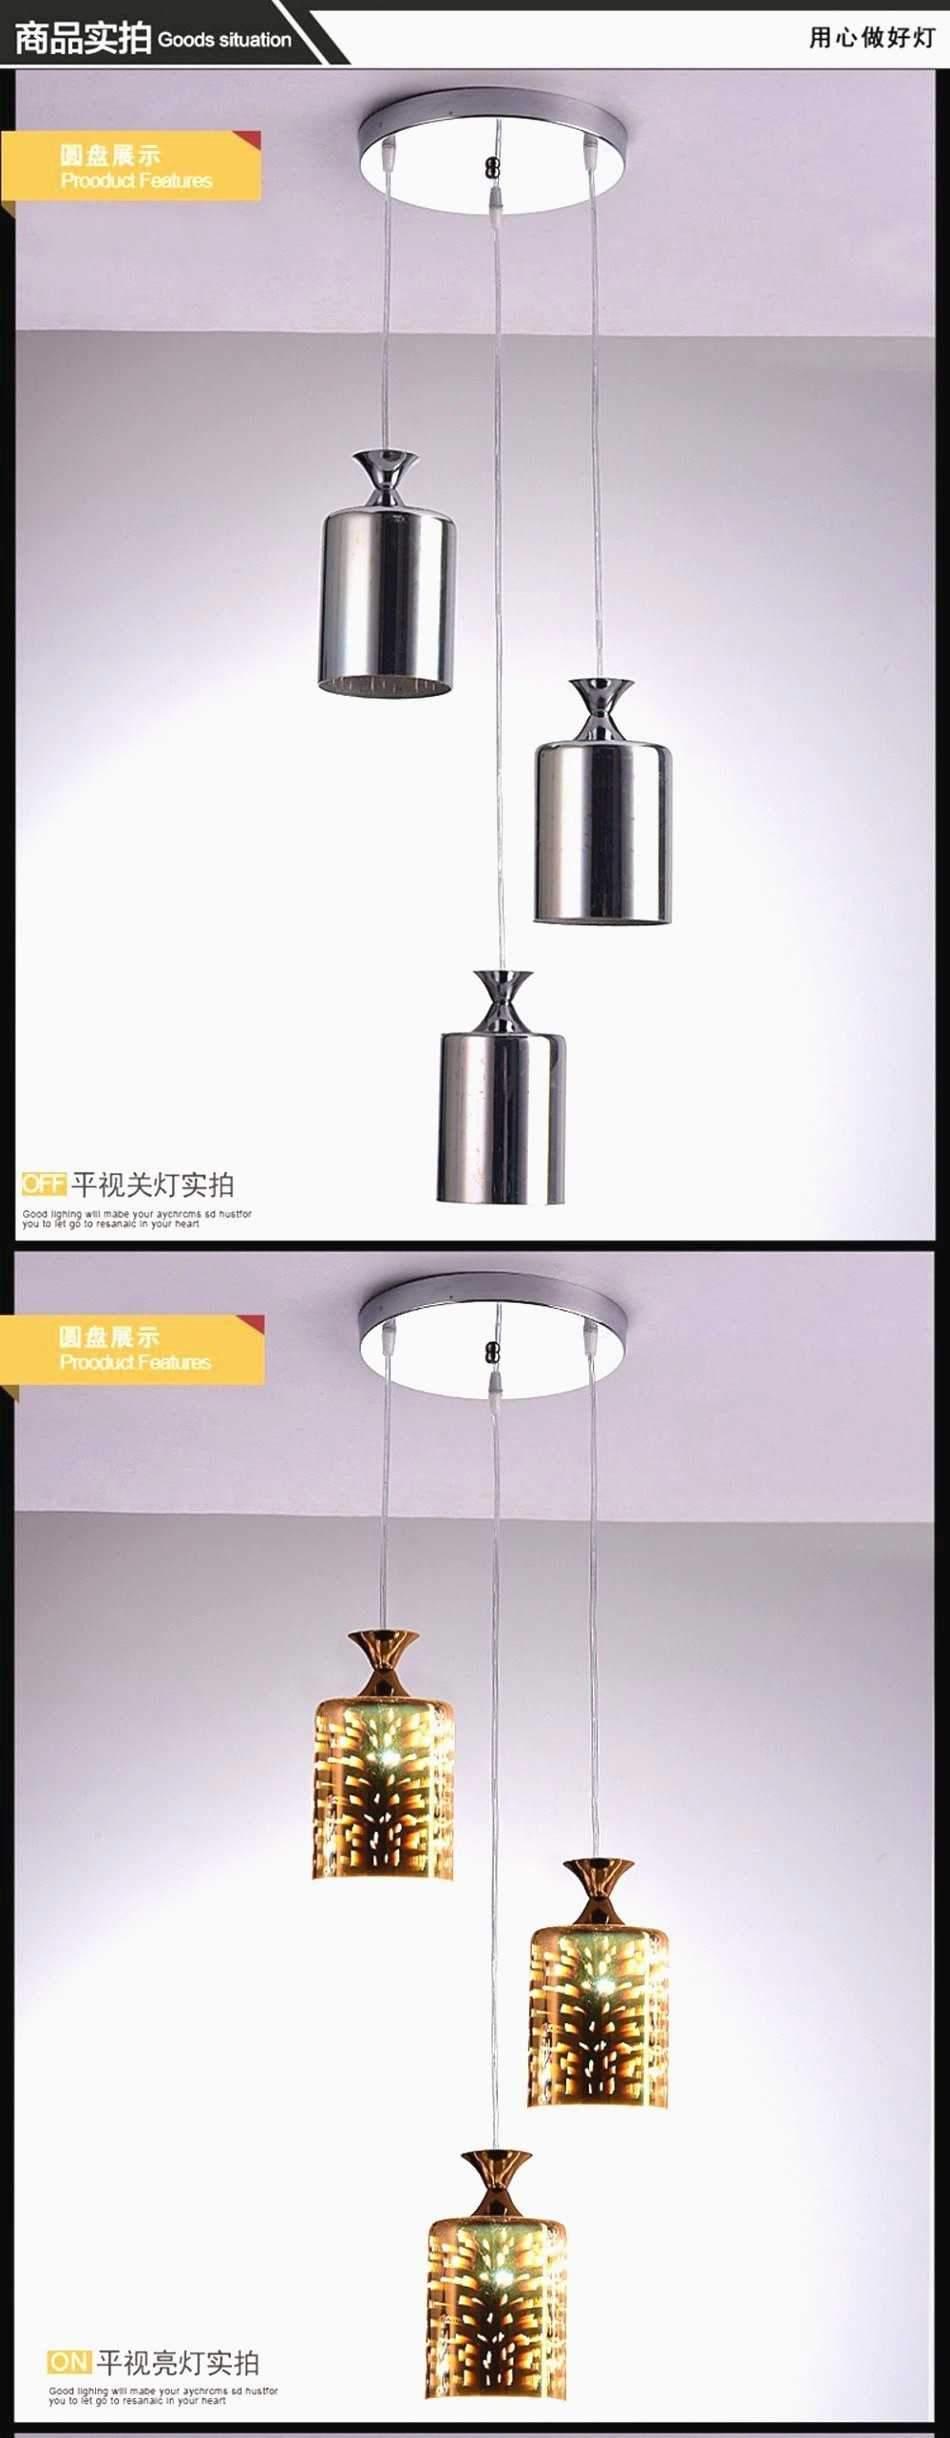 Full Size of Wohnzimmerlampen Ikea 38 Luxus Lampen Wohnzimmer Reizend Frisch Betten 160x200 Bei Miniküche Küche Kosten Sofa Mit Schlaffunktion Modulküche Kaufen Wohnzimmer Wohnzimmerlampen Ikea